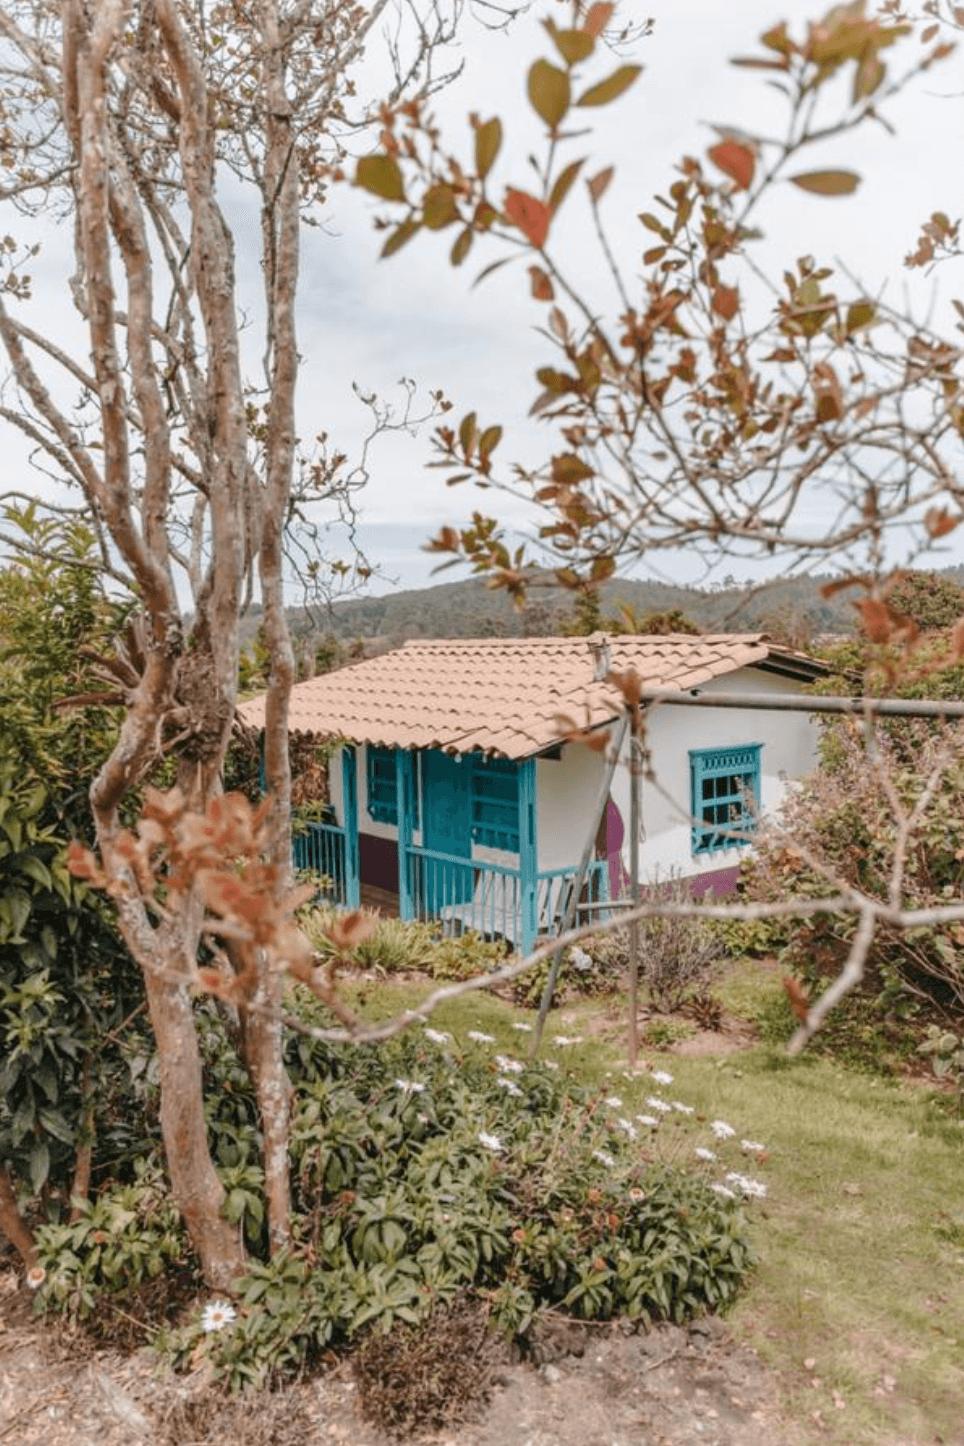 Tours y recorridos en Medellín y en Santa Elena